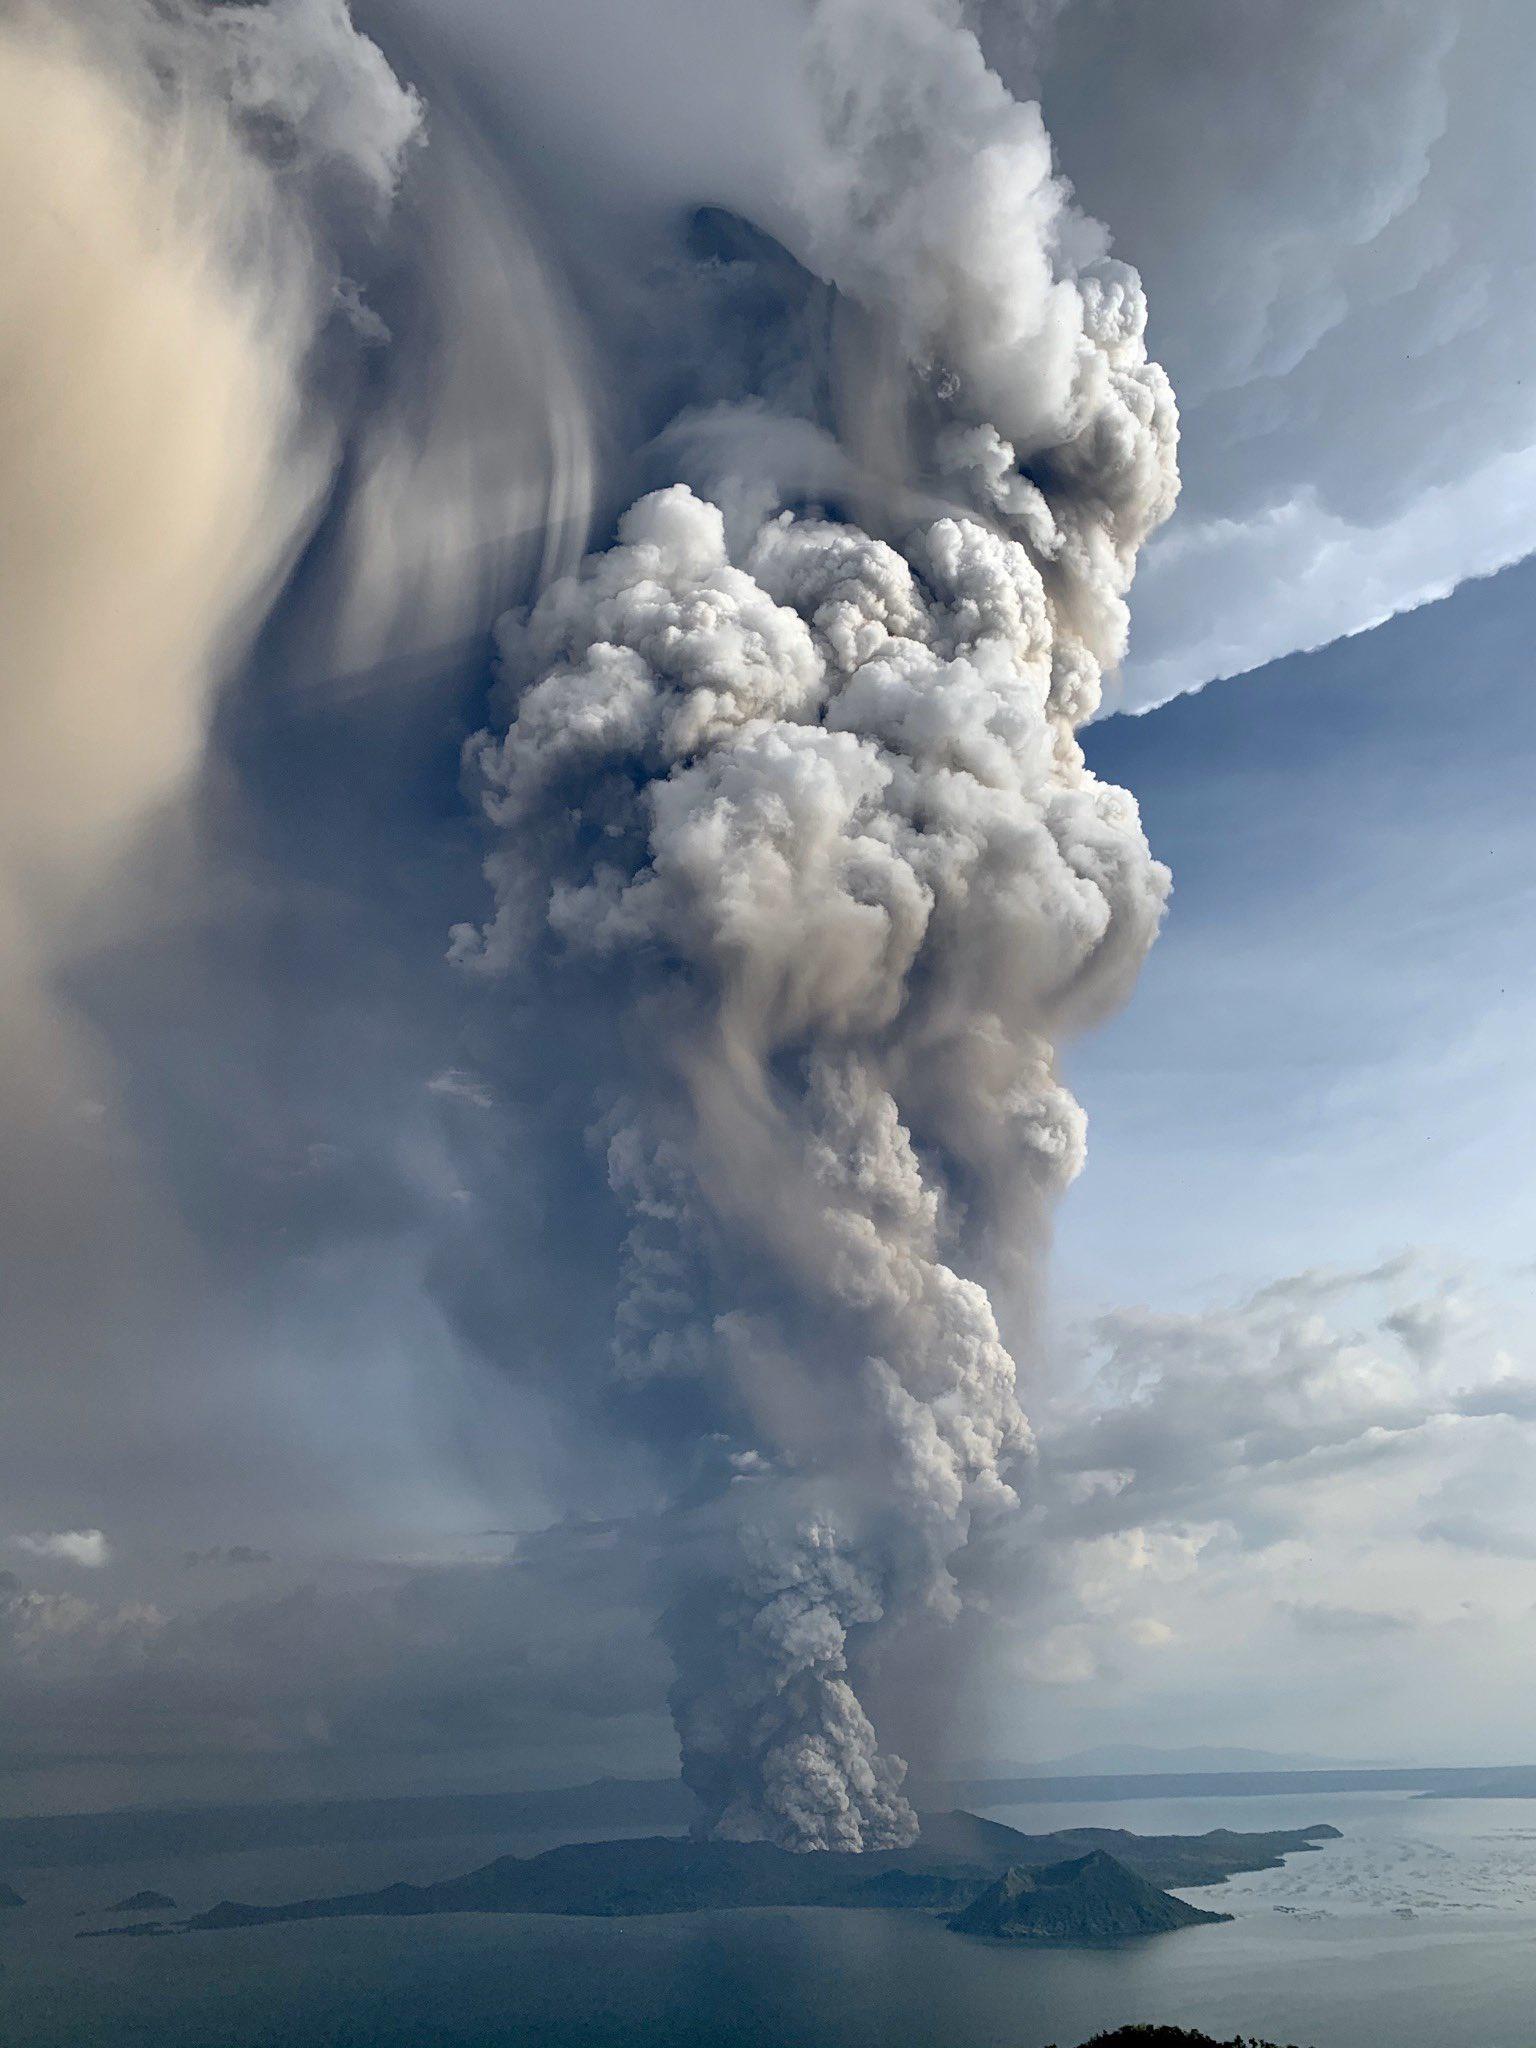 中国驻菲律宾大使馆提醒我公民塔尔火山喷发期间注意安全